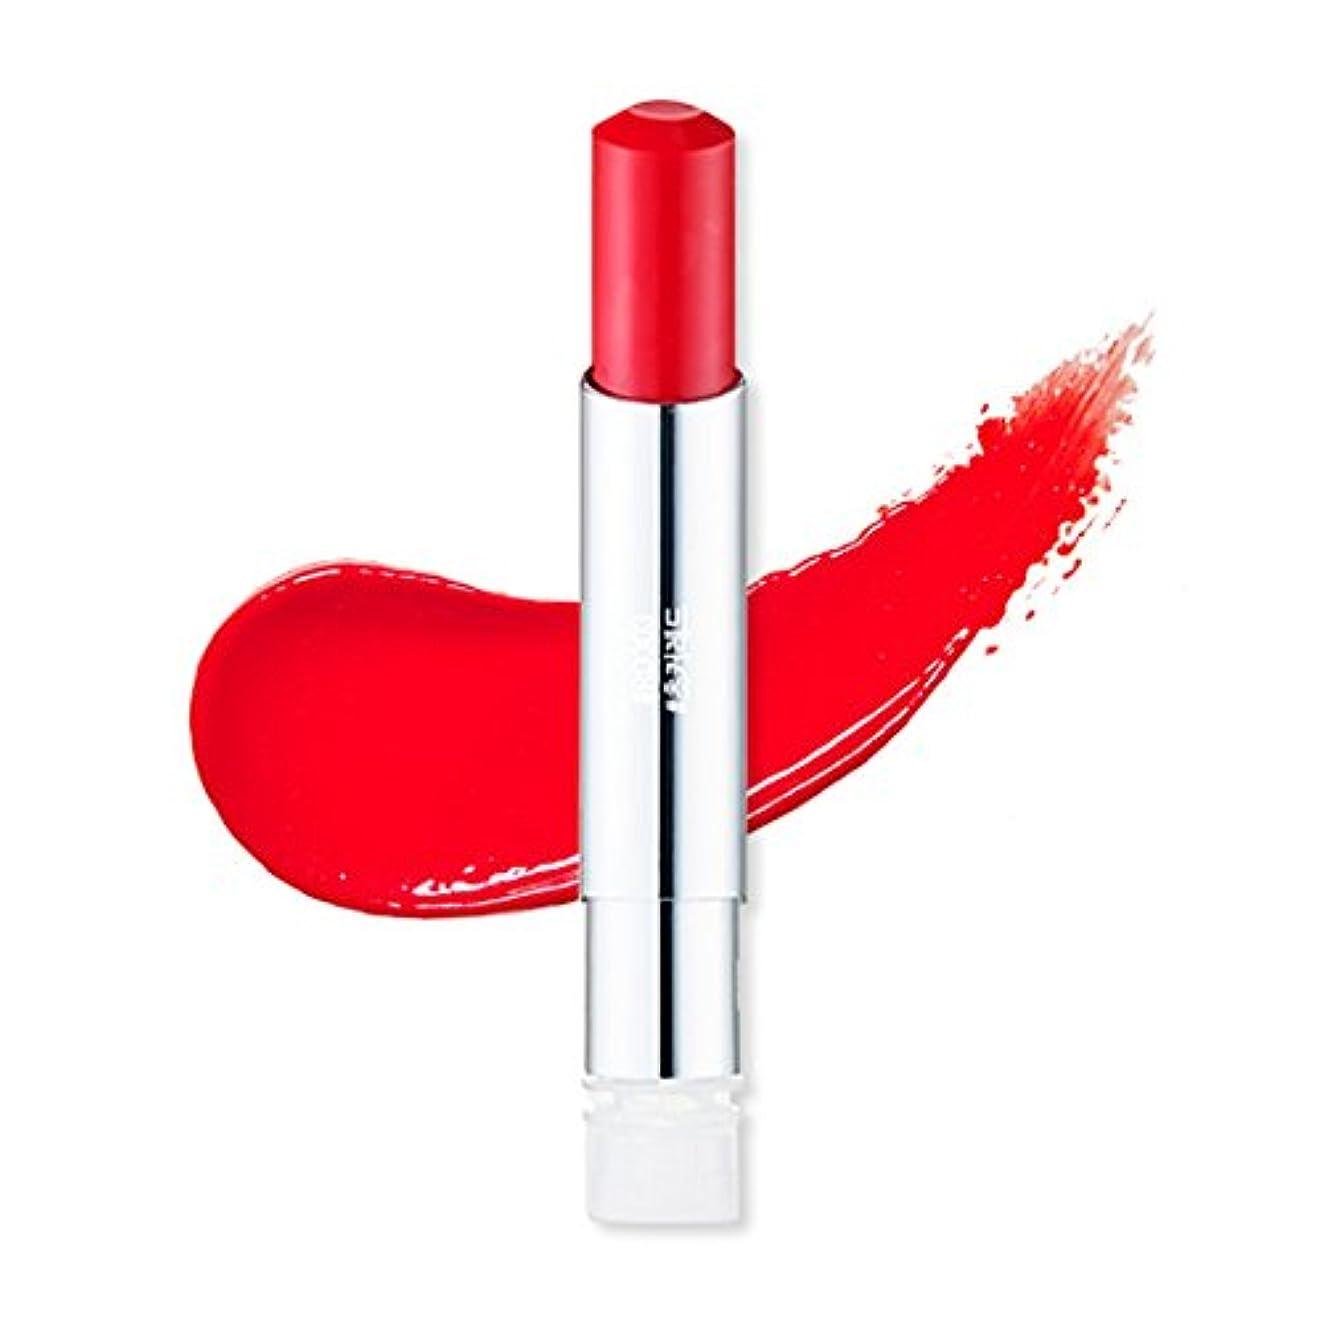 重荷男らしさ第Etude House Glass Tinting Lips Talk #RD303 エチュードハウスグラスチンチンリップトーク #RD303 [並行輸入品]